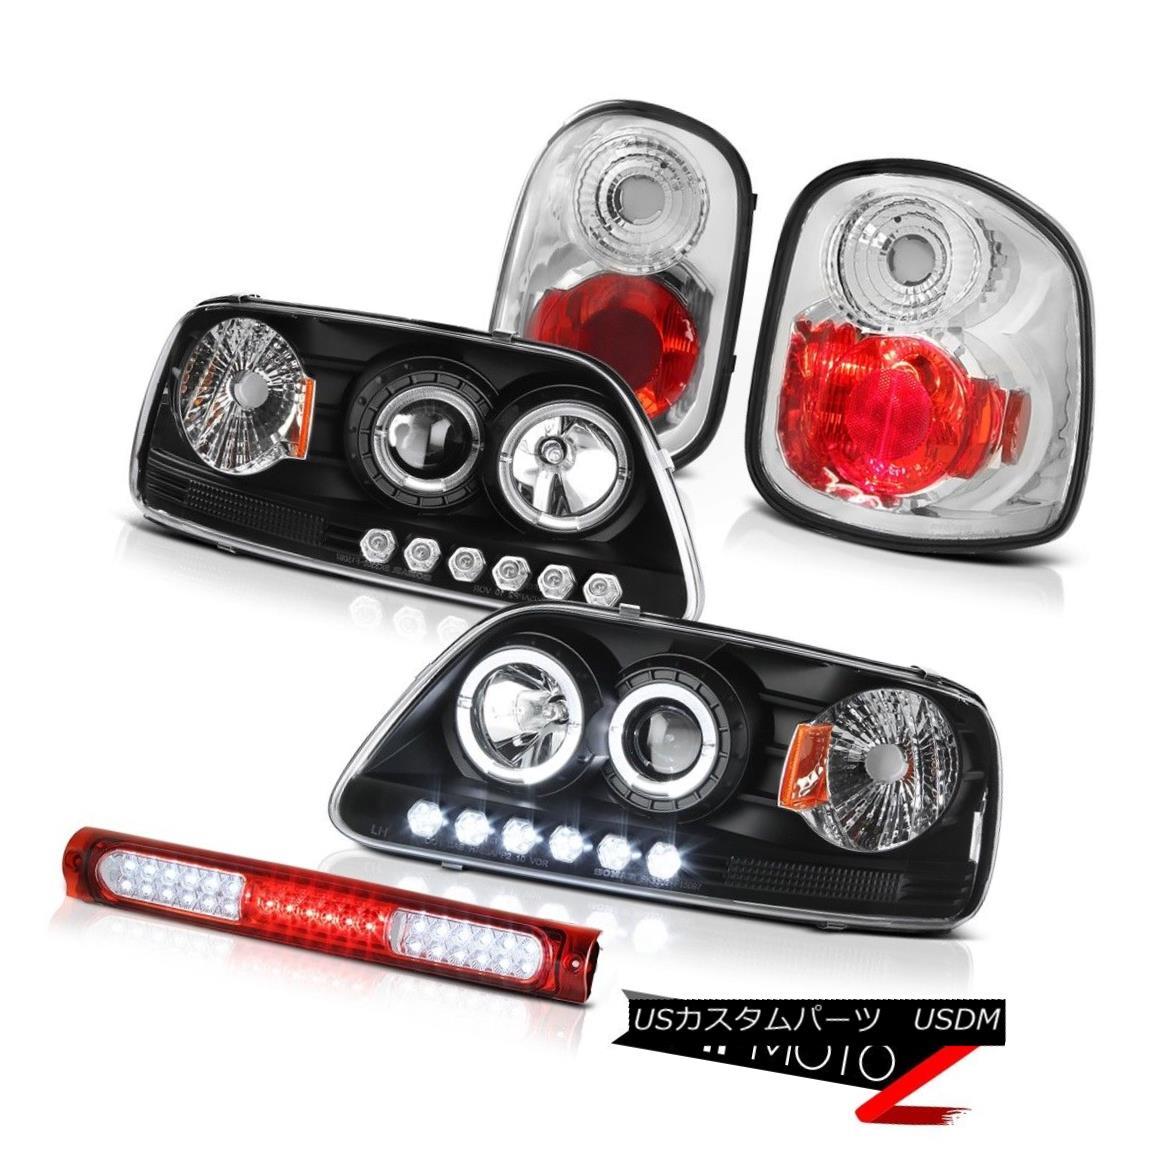 ヘッドライト Angel Eye Headlights Reverse Brake Lamps Roof LED Red 97-00 Ford F150 Flareside エンジェルアイヘッドライトリバースブレーキランプルーフLEDレッド97-00 Ford F150 Flareside